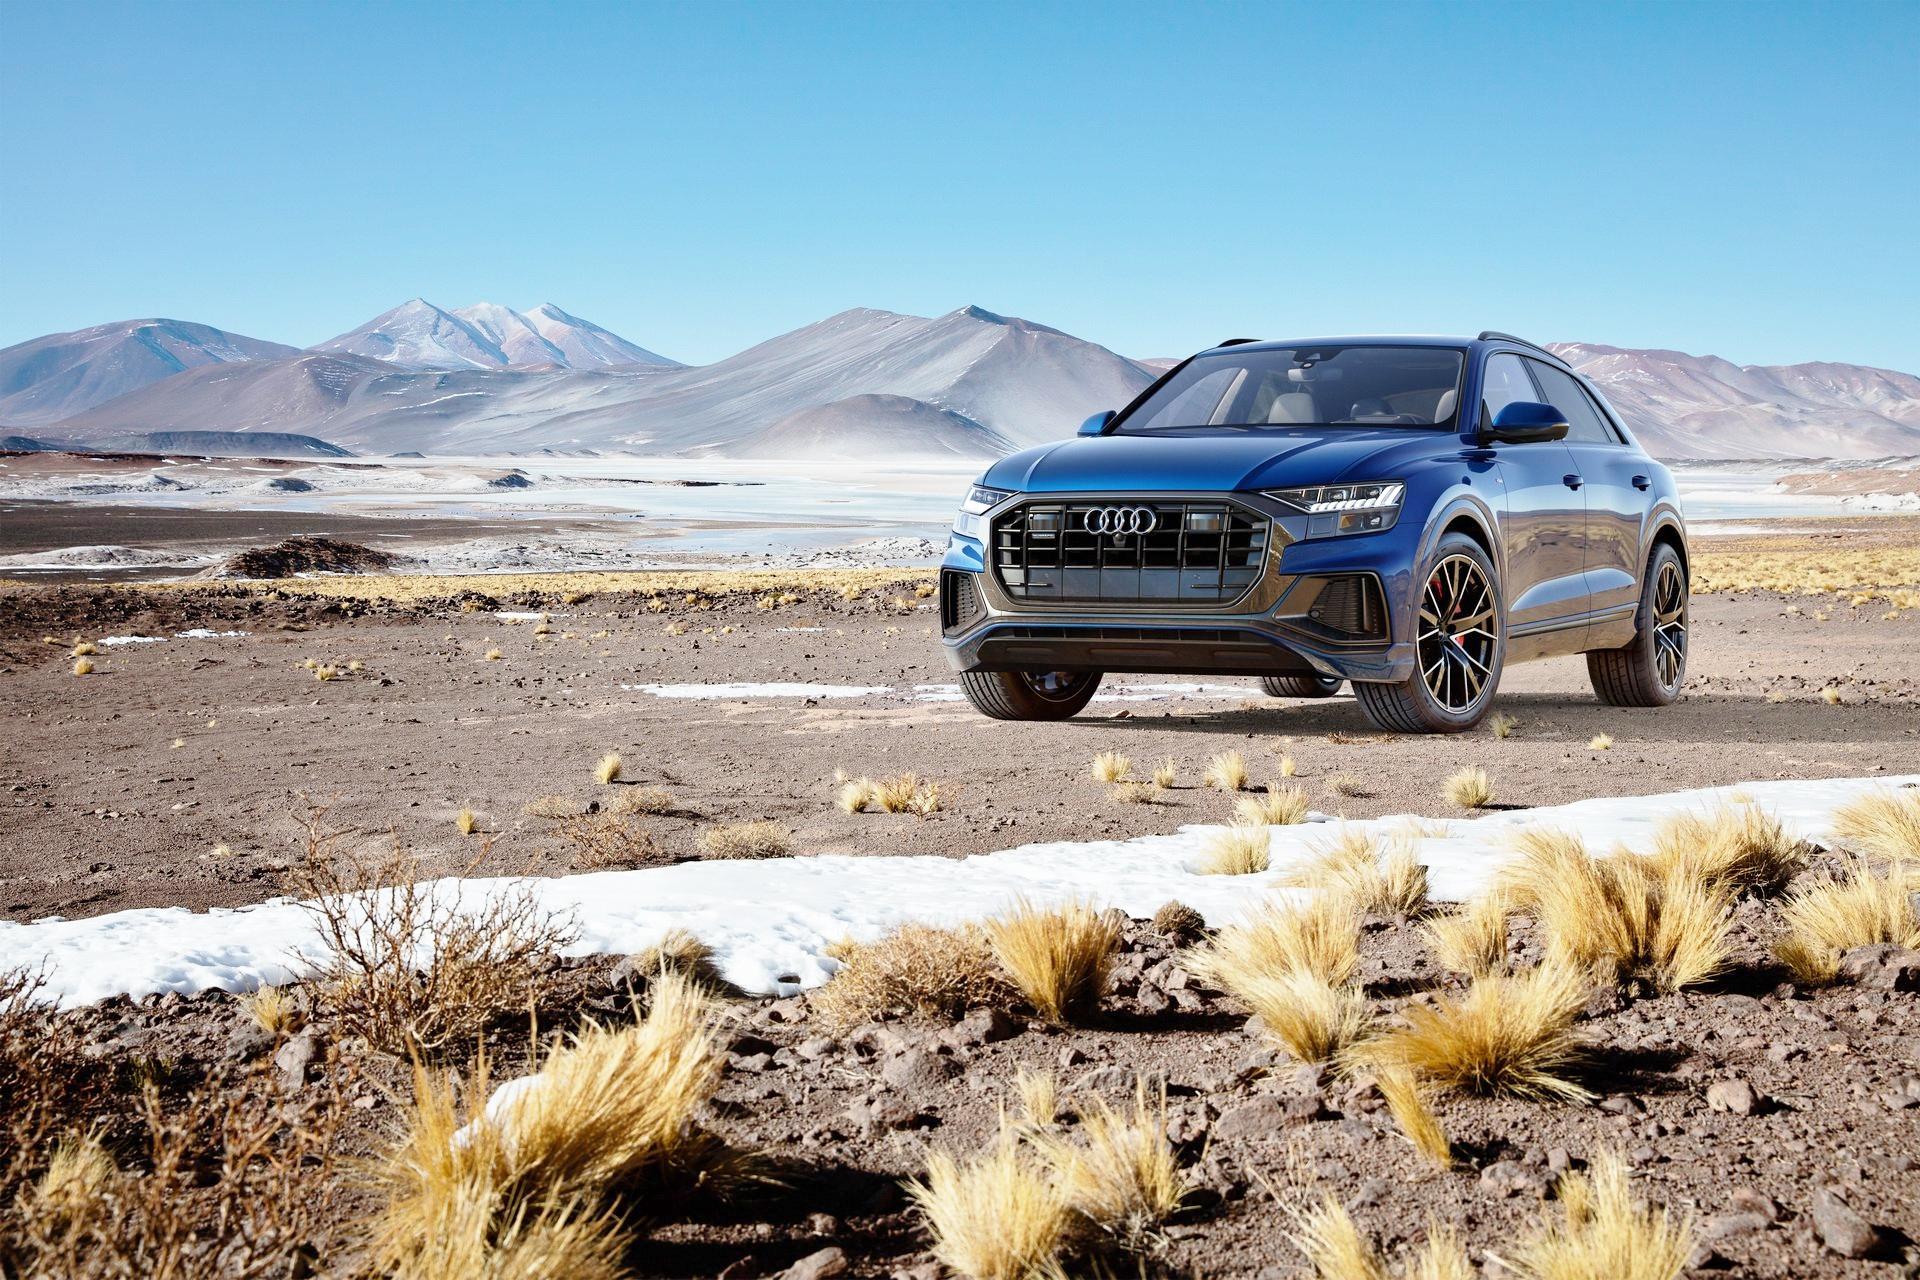 Audi-Q8-2019-them-hybrid-manh-khung-498-Nm-gia-ban-1-6-ty-dong-anh-1